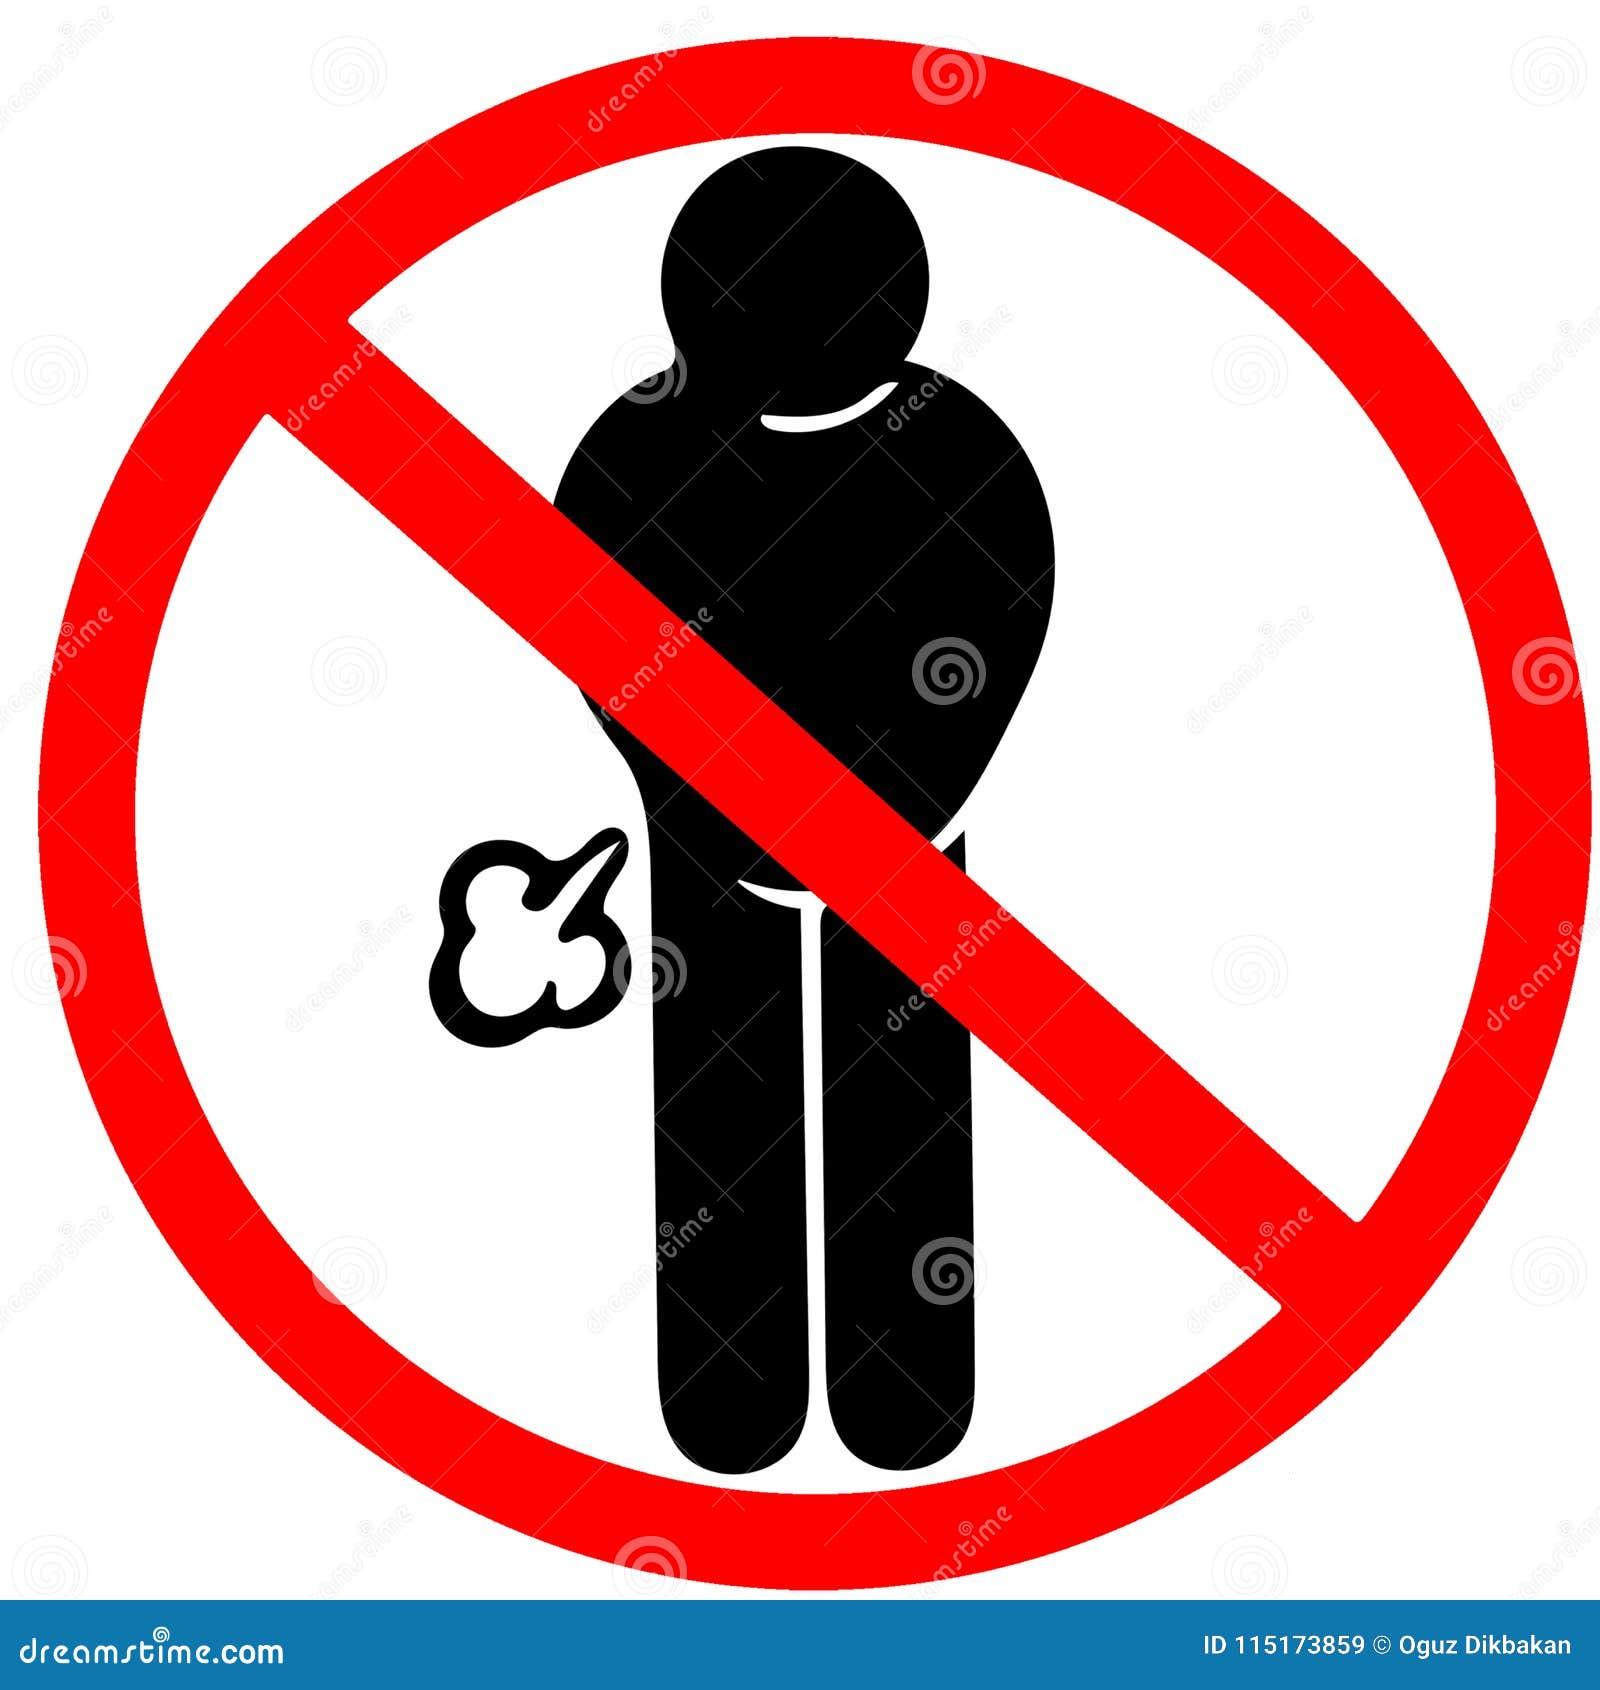 La comida puede no causar farting del gas prohibido advertir la señal de tráfico círculo rojo aislado en blanco